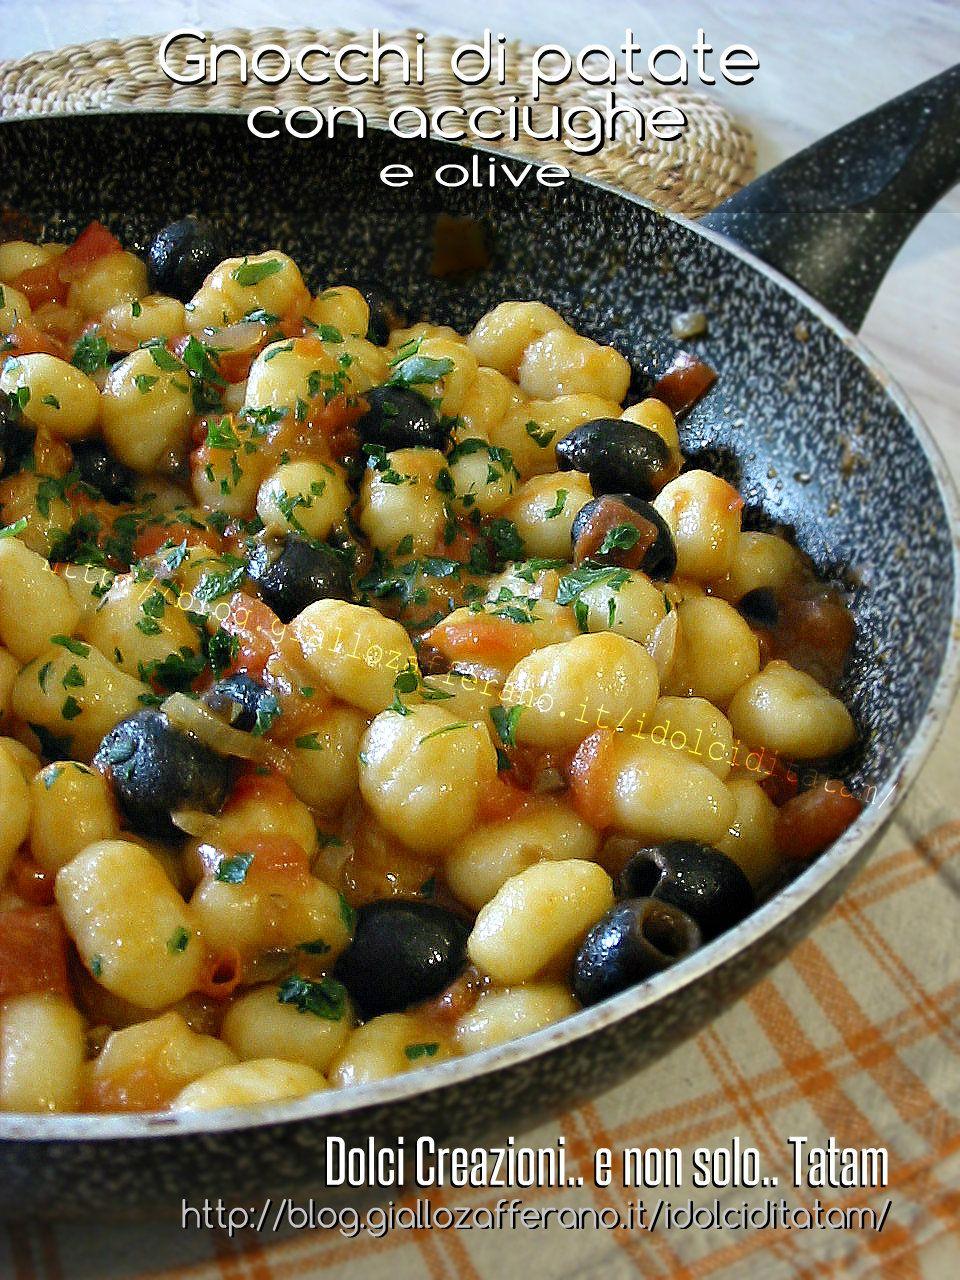 Ricetta Salsa Per Gnocchi Di Patate.Gnocchi Di Patate Con Acciughe E Olive Ricetta Primo Piatto Ricette Ricette Con Gnocchi Di Patate Ricette Di Cucina